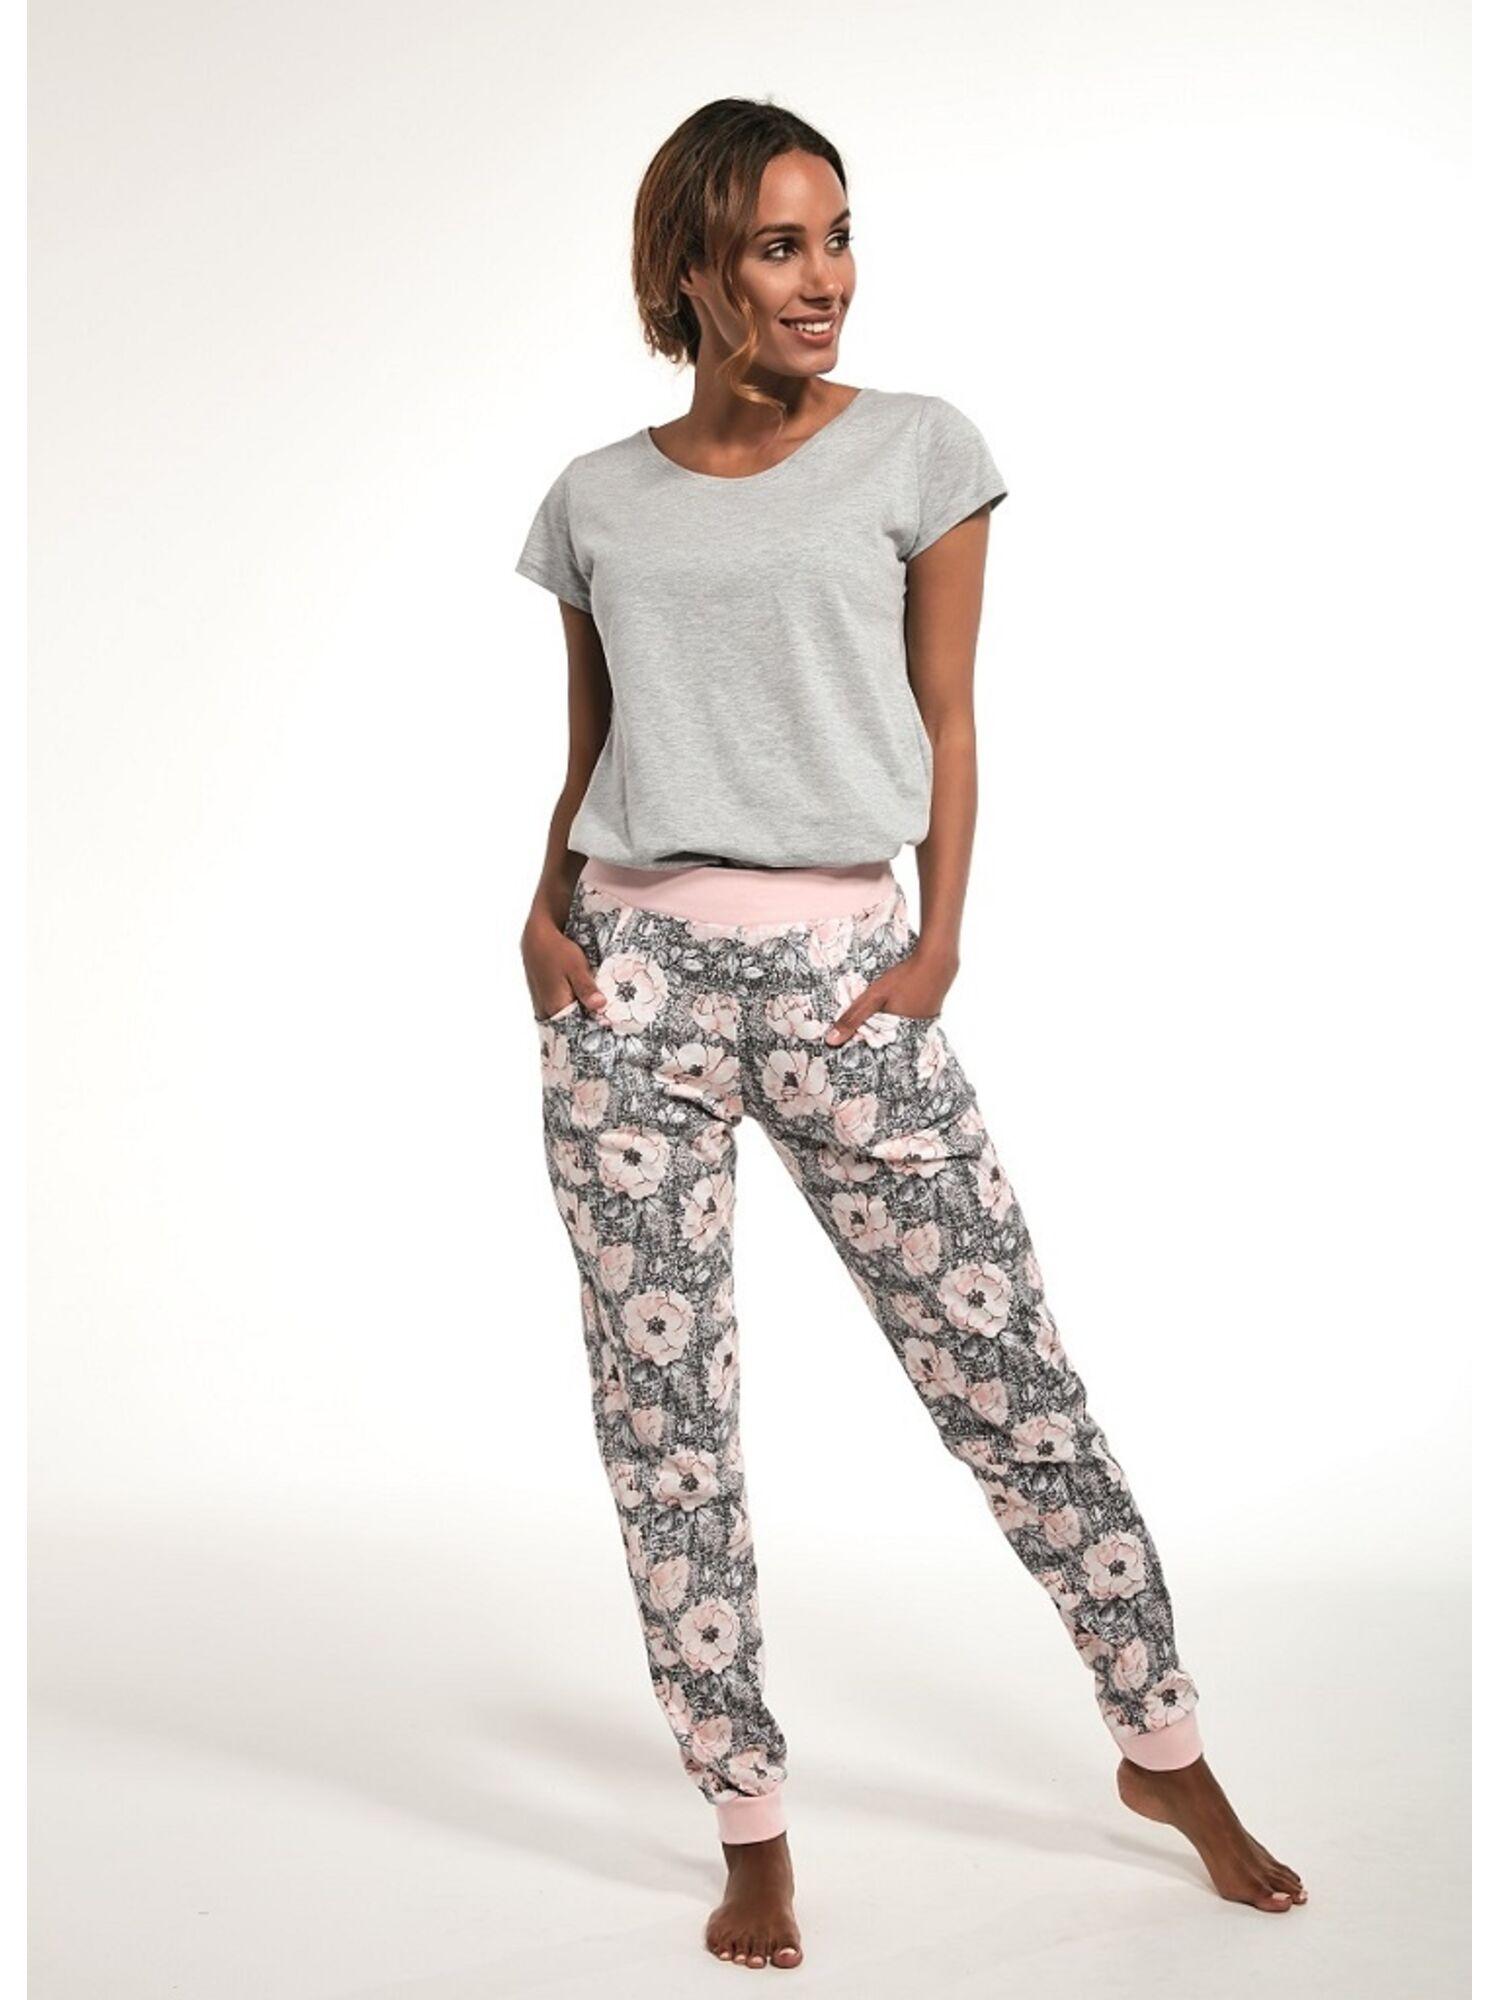 Комплект женский (кофта, штаны, футболка) из хлопка 355/216 MEGAN серый/розовый, CORNETTE